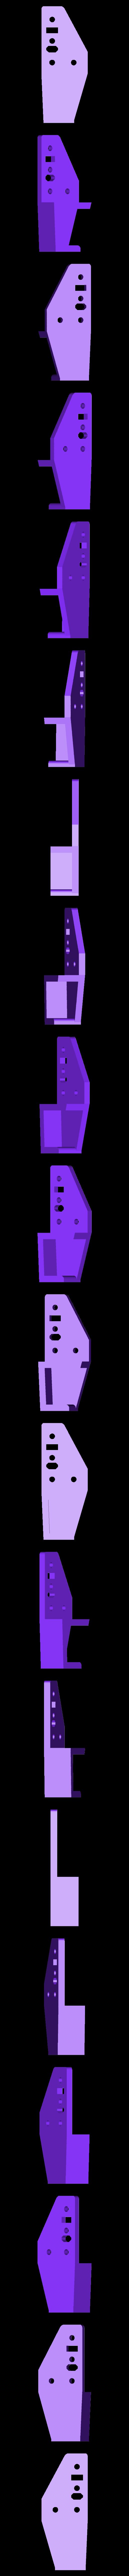 Stable_feets_new.stl Télécharger fichier STL gratuit Acro Laser cutter/ingraver - Mods et mises à jour • Objet pour imprimante 3D, bywebberen